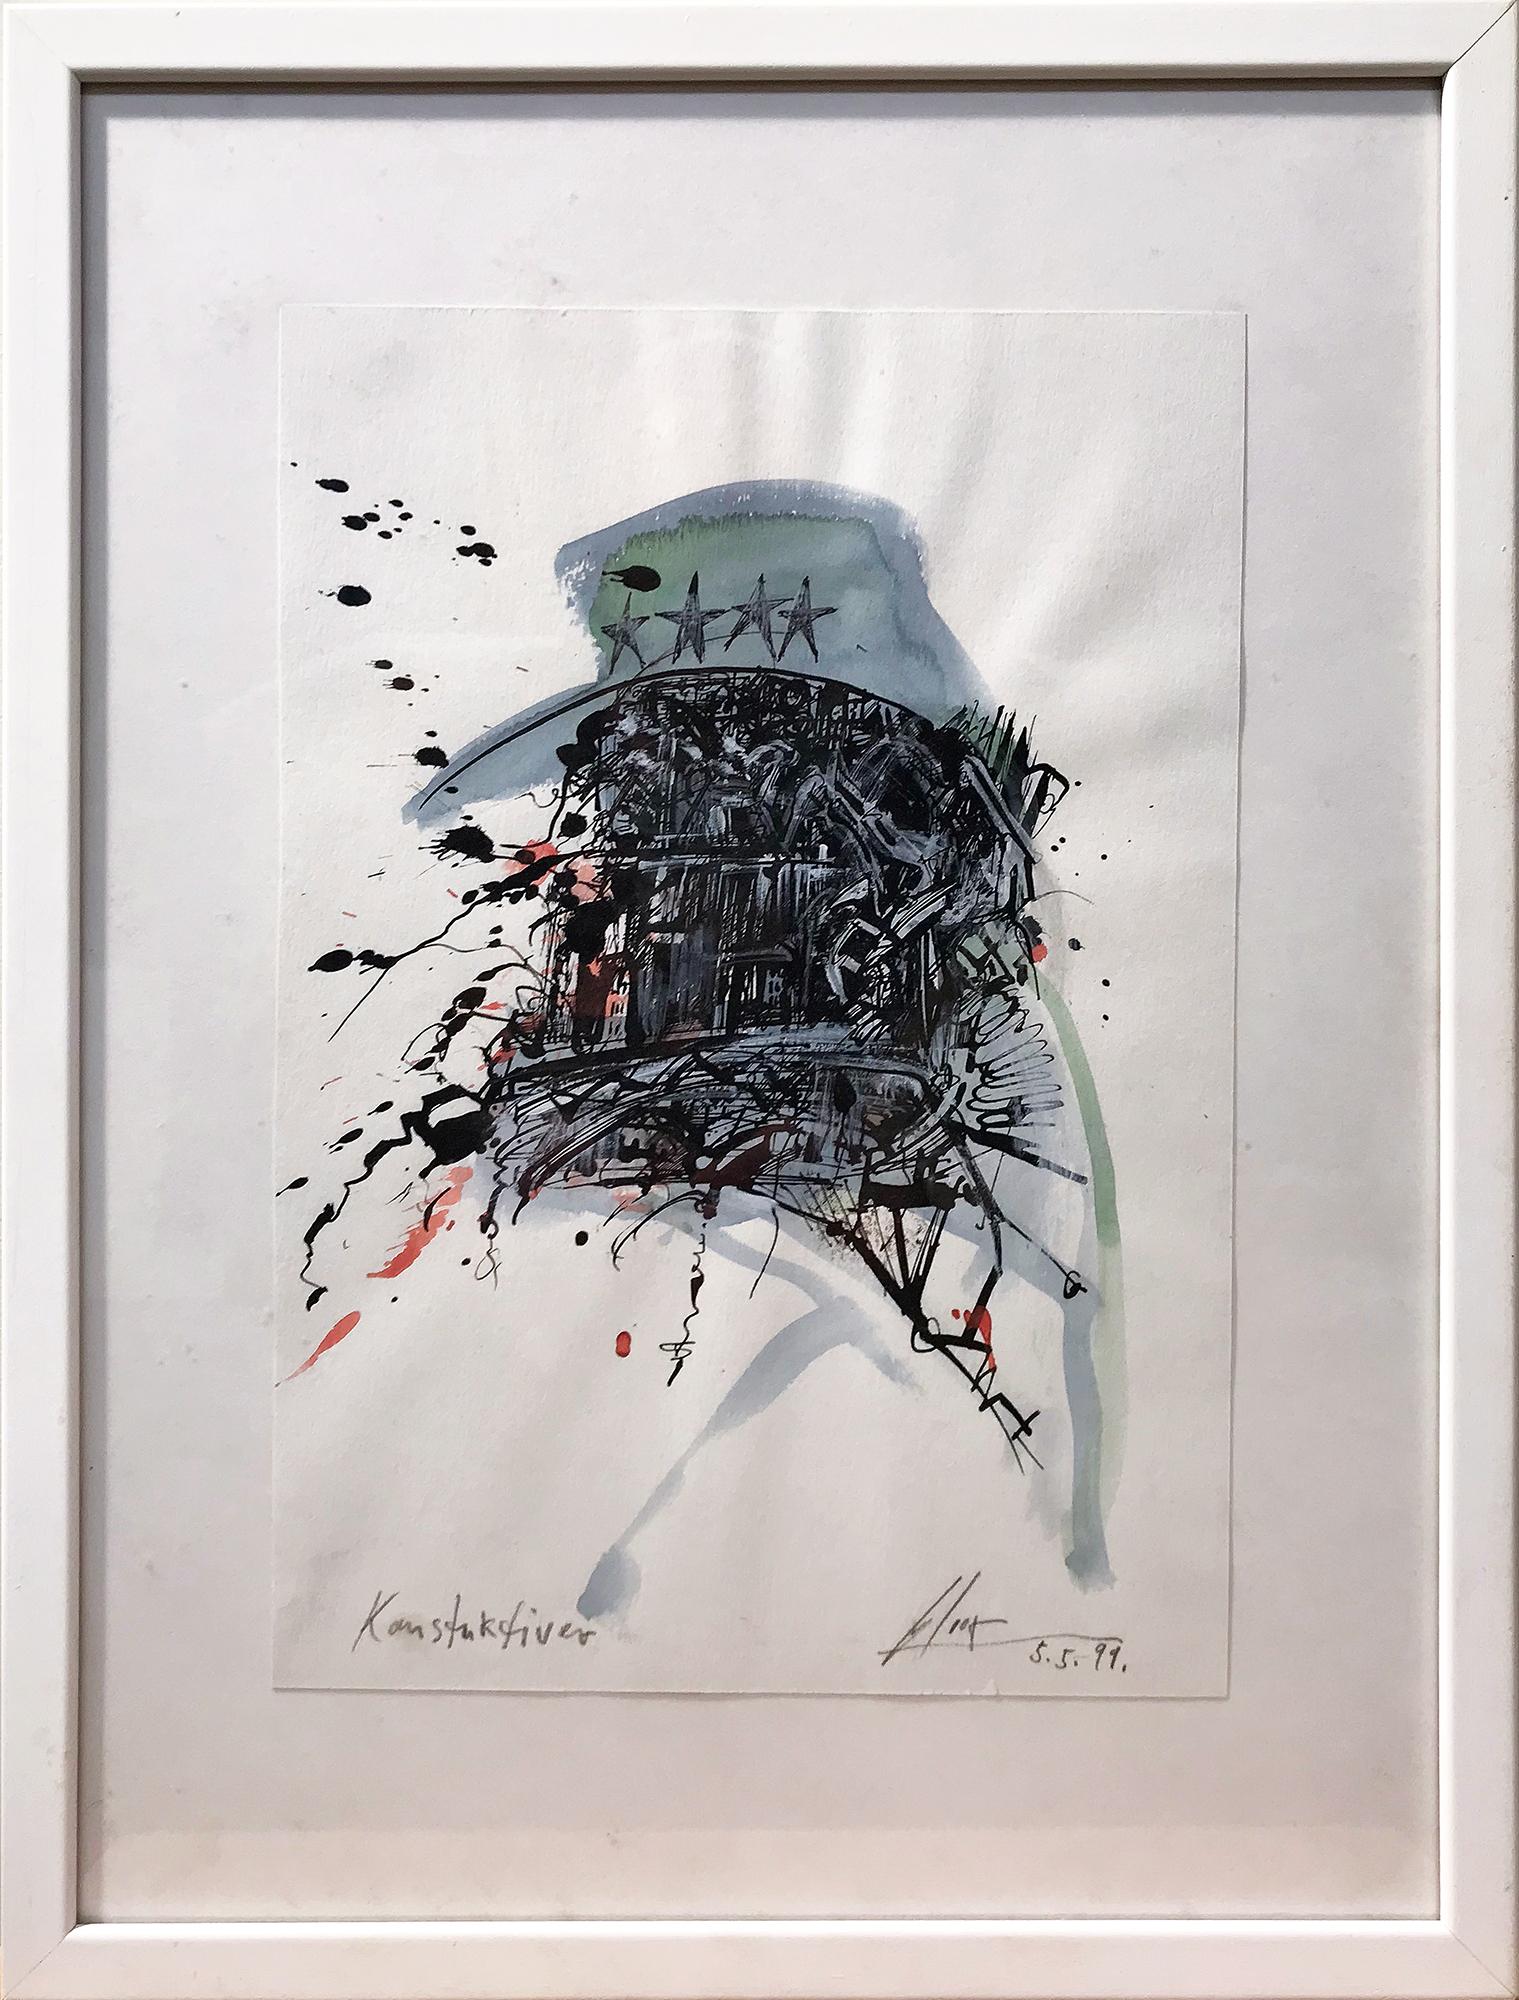 Konstruktiver, 1999, Mischtechnik auf Zeichenpapier, 21 x 30 cm, Holzrahmen, Rahmenmass 32 x 42 cm